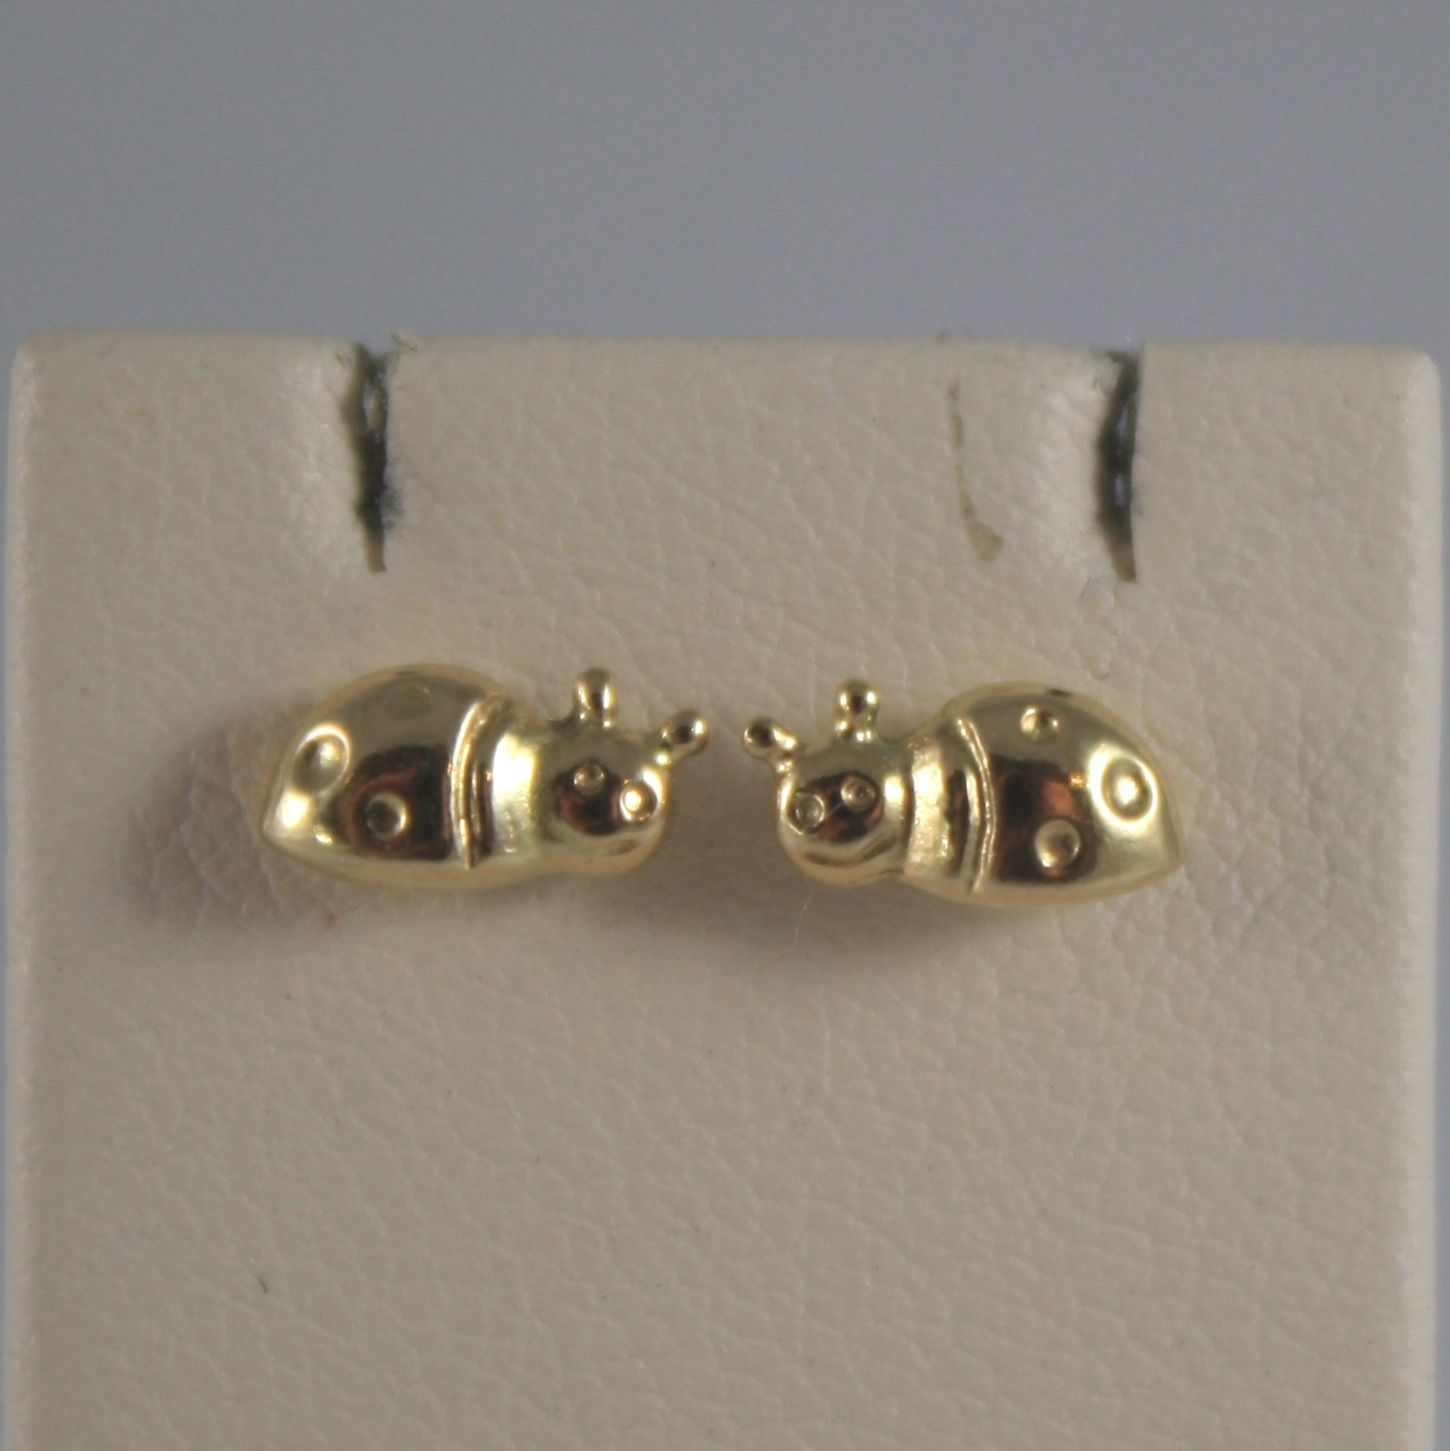 ORECCHINI IN ORO GIALLO 750 18 CT. A LOBO, A  COCCINELLA, LARGHI 7 MM